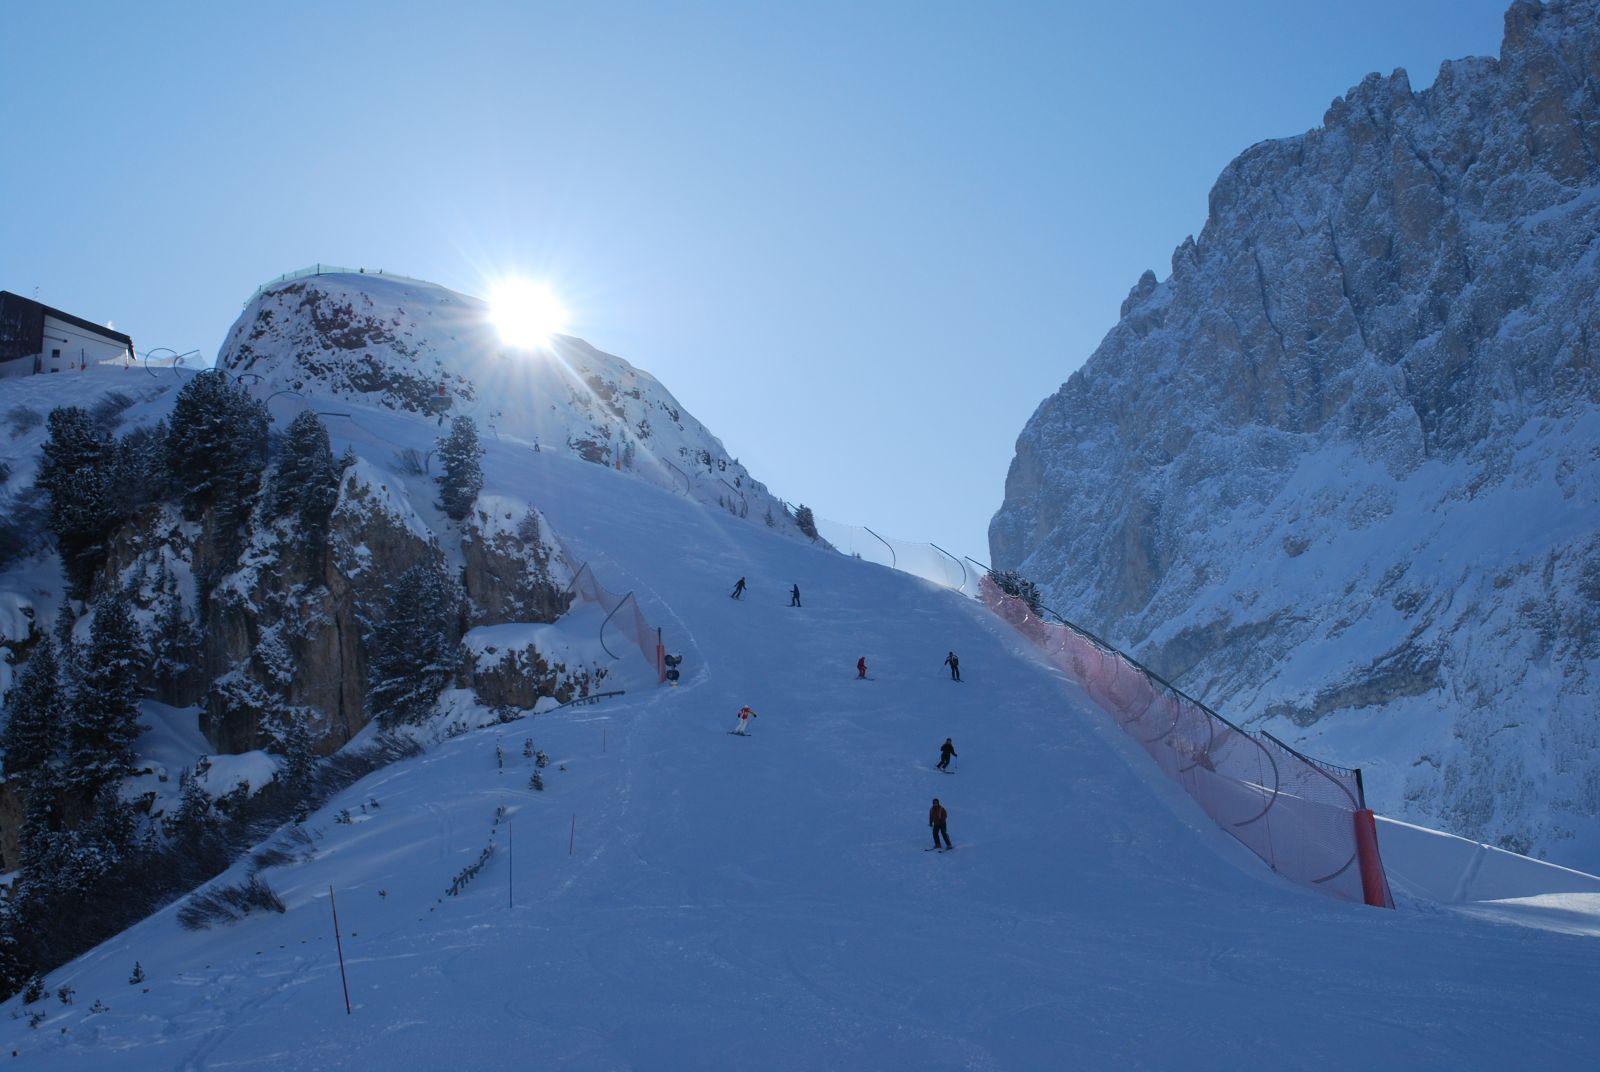 Горнолыжные курорты в итальянских Альпах по демократичным ценам!